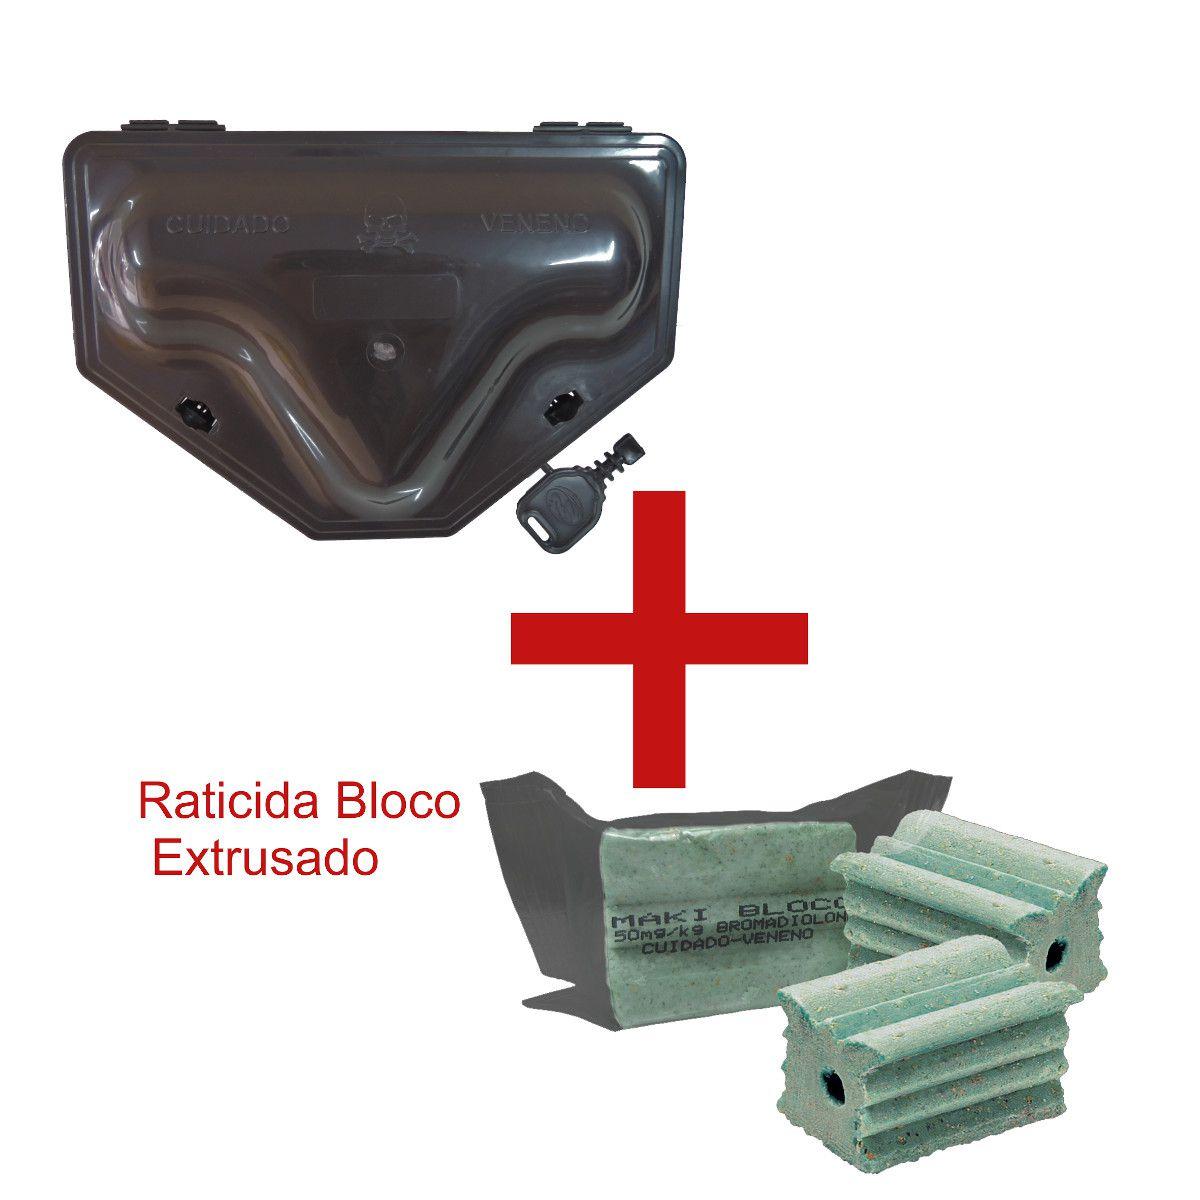 58 Porta Iscas C/ TRAVAMENTO DUPLO + 58 Blocos Extrusado